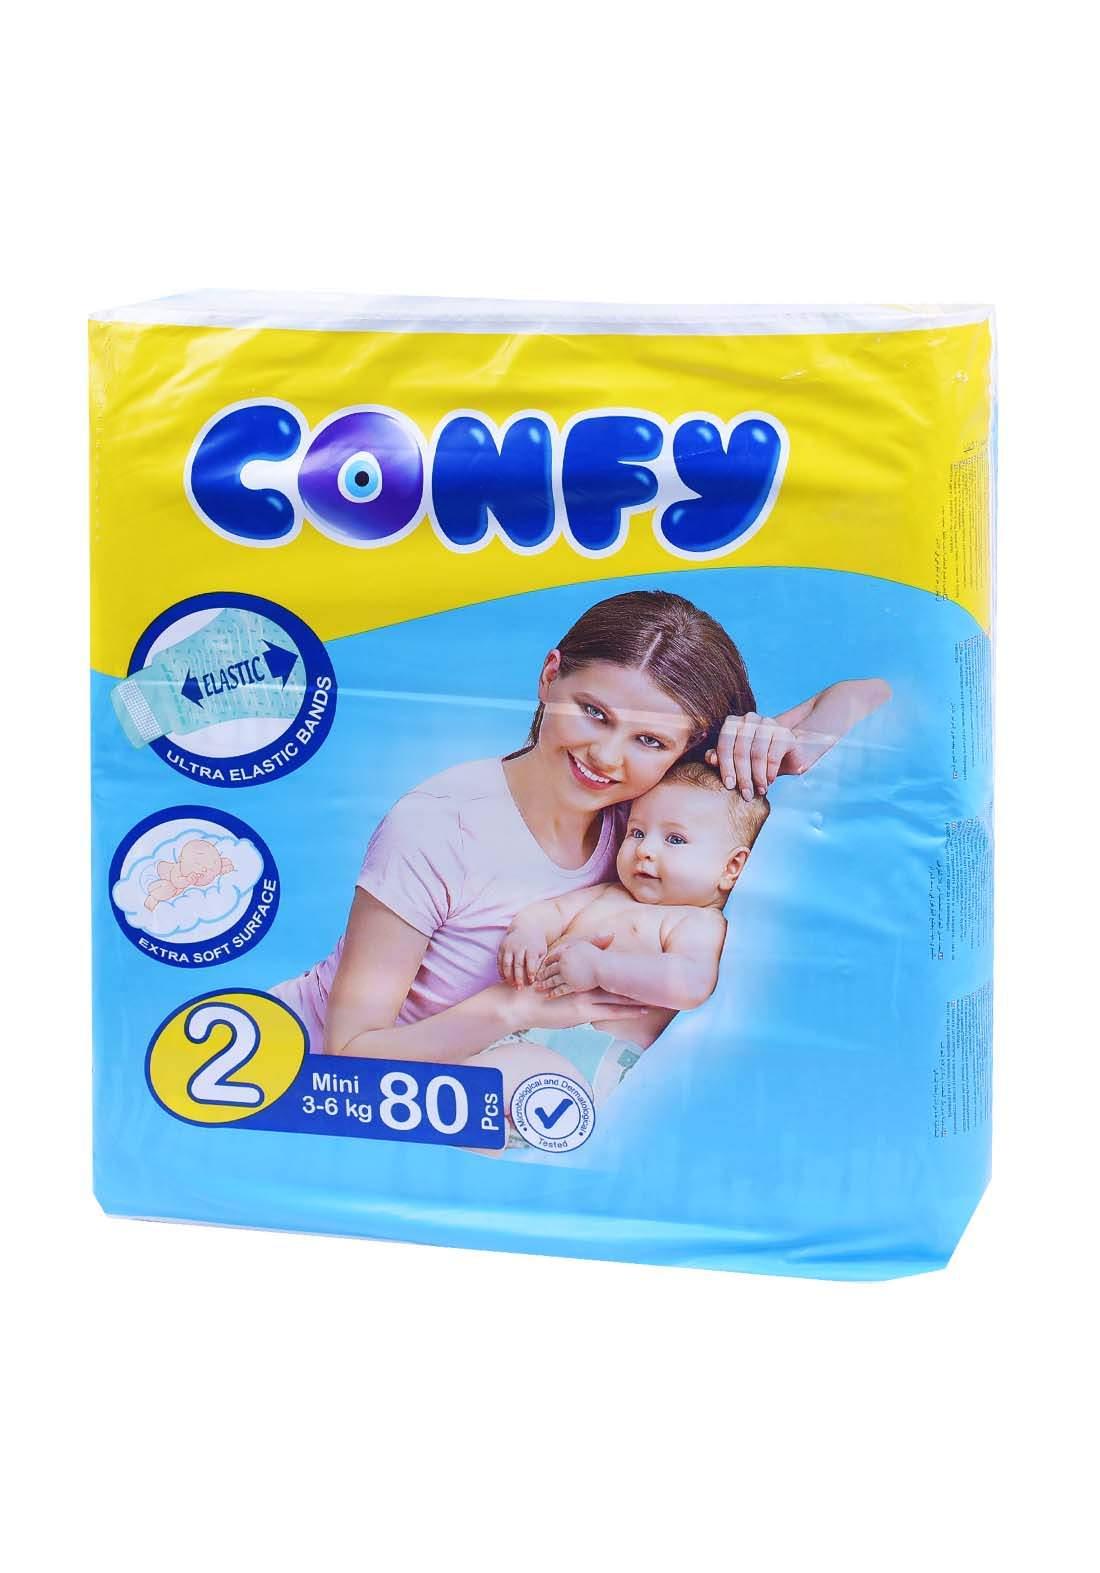 Confy 3-6 Kg 80 Pcs حفاضات  كونفي للاطفال عادي رقم 2